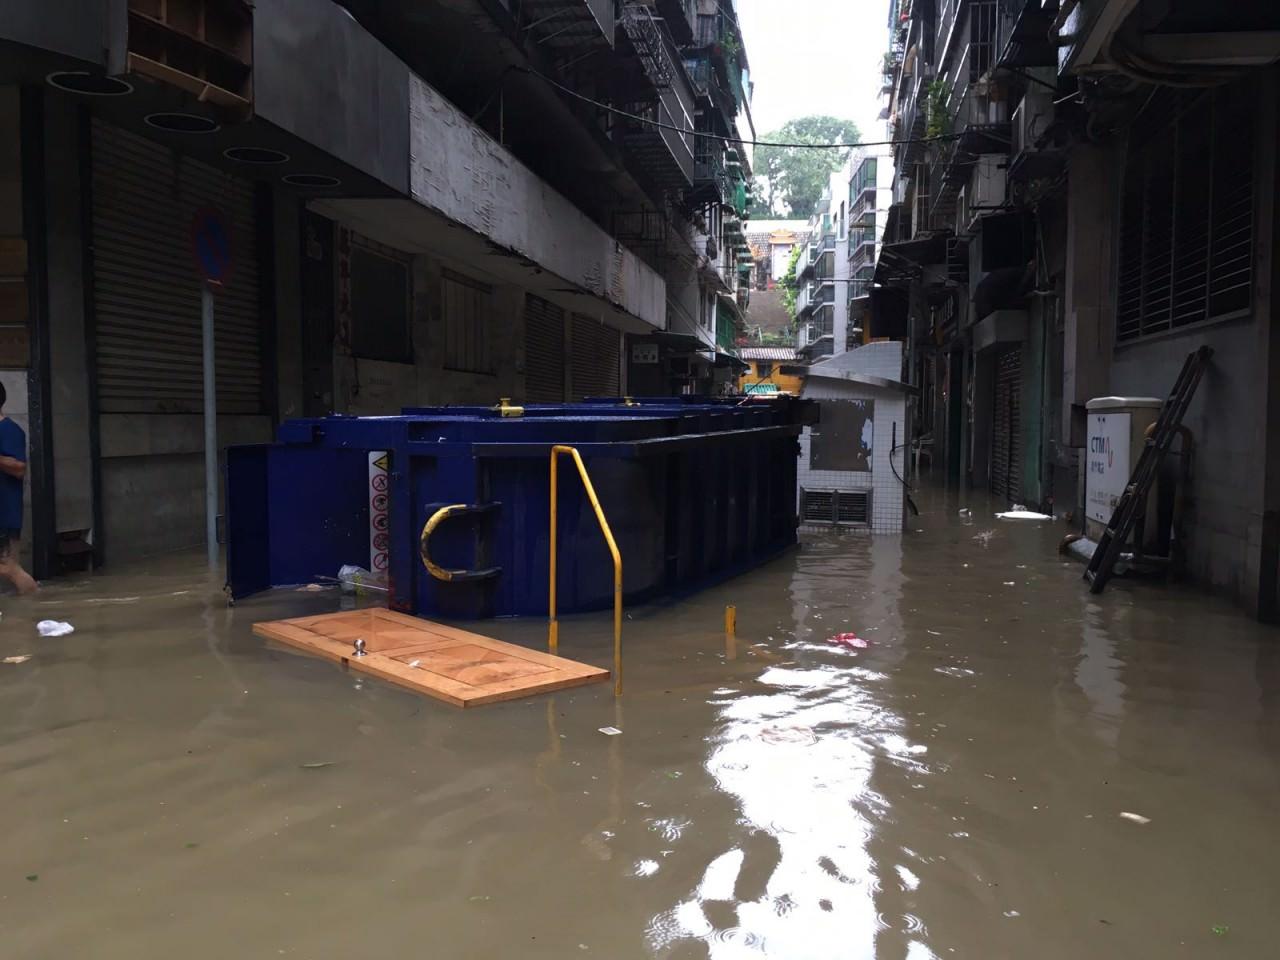 颱風期間,多部車輛被浸,甚至掀翻。(澳門特約記者攝)